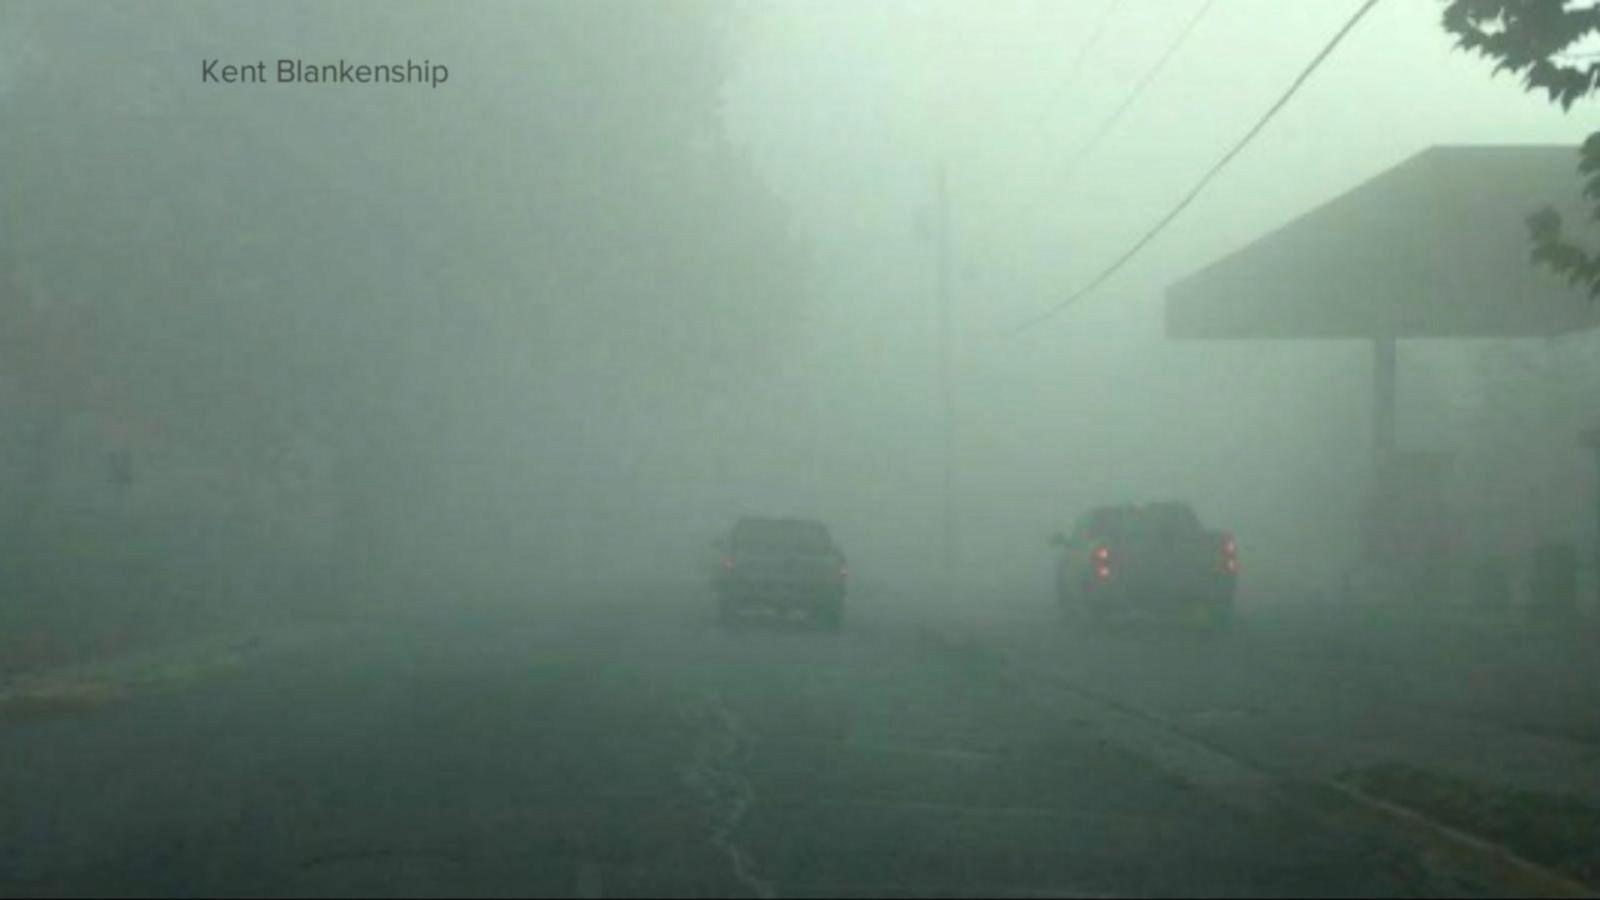 VIDEO: Dangerous Fog Over Kansas Community